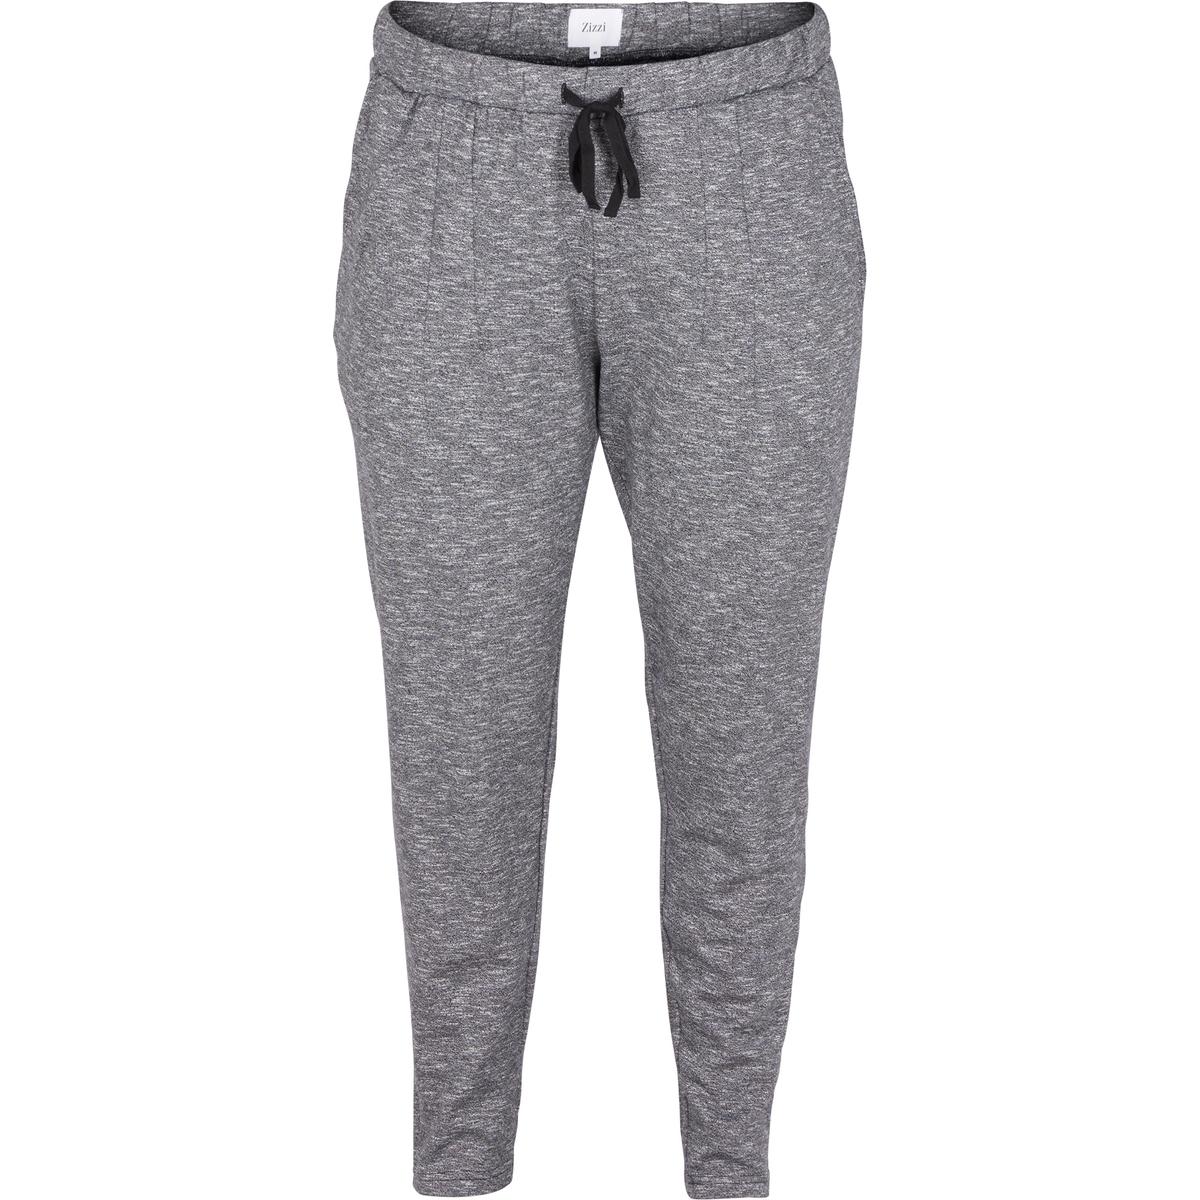 Брюки из струящейся тканиБрюки из струящейся ткани ZIZZI. Красивые брюки из качественной ткани . Свободный покрой, шнурок на поясе . С карманом с каждой стороны, 100% хлопок, очень удобные при носке .<br><br>Цвет: серый